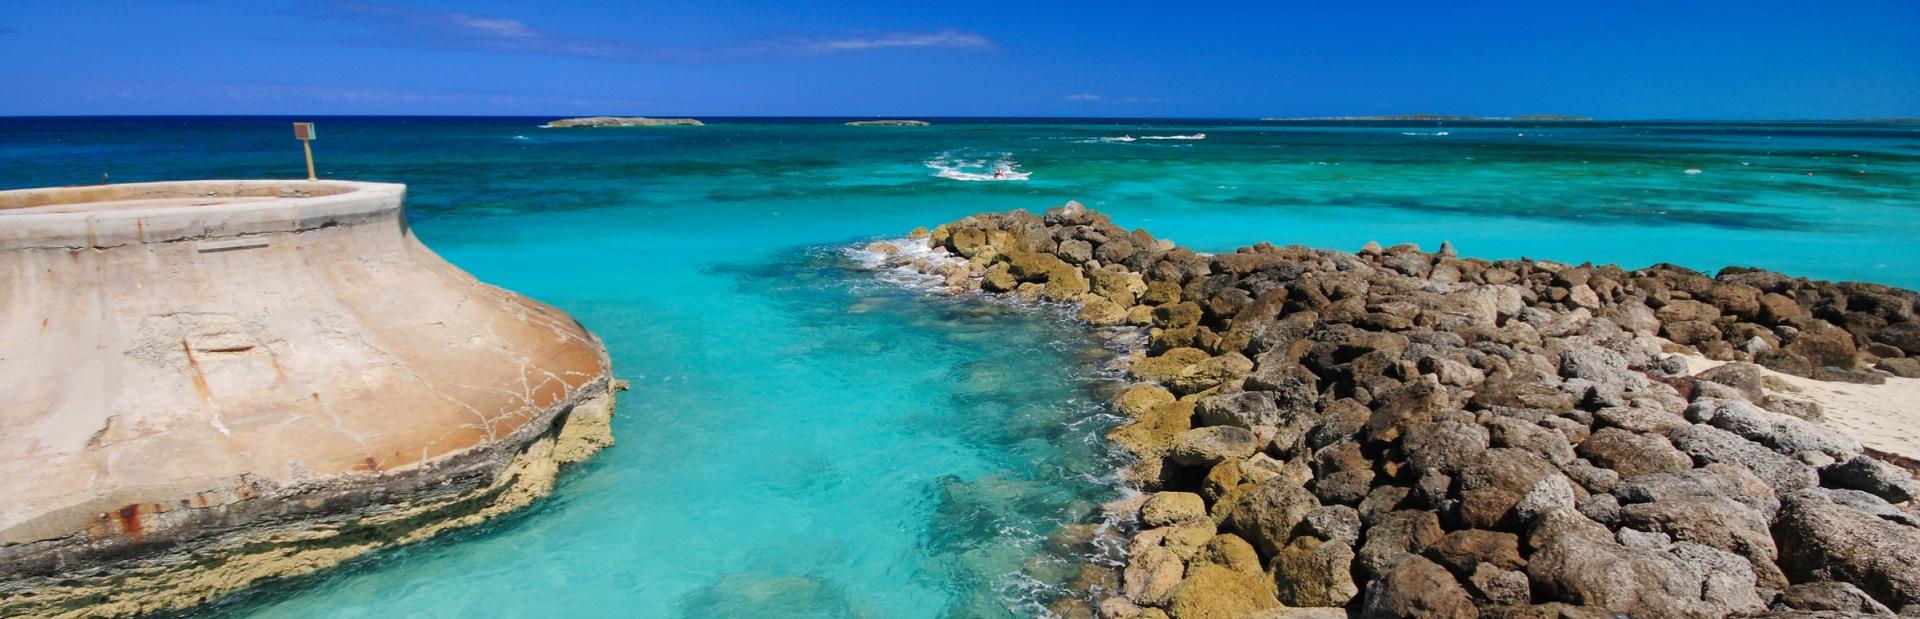 Nassau news photo